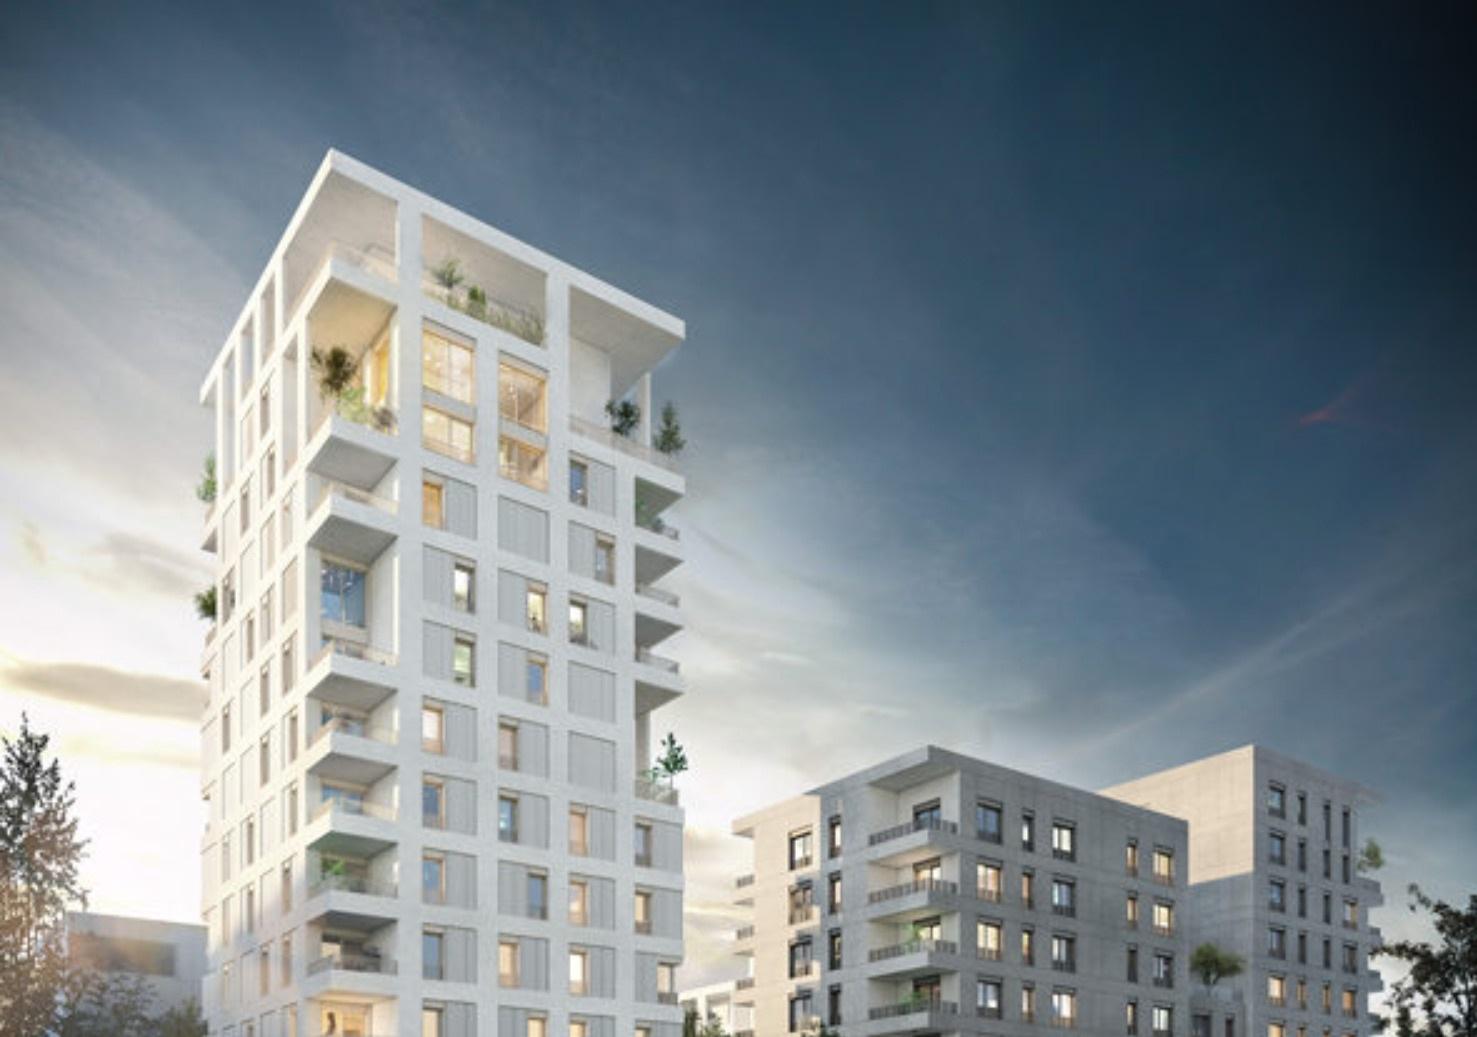 Programme immobilier Lyon 8ème (69008)  PI13